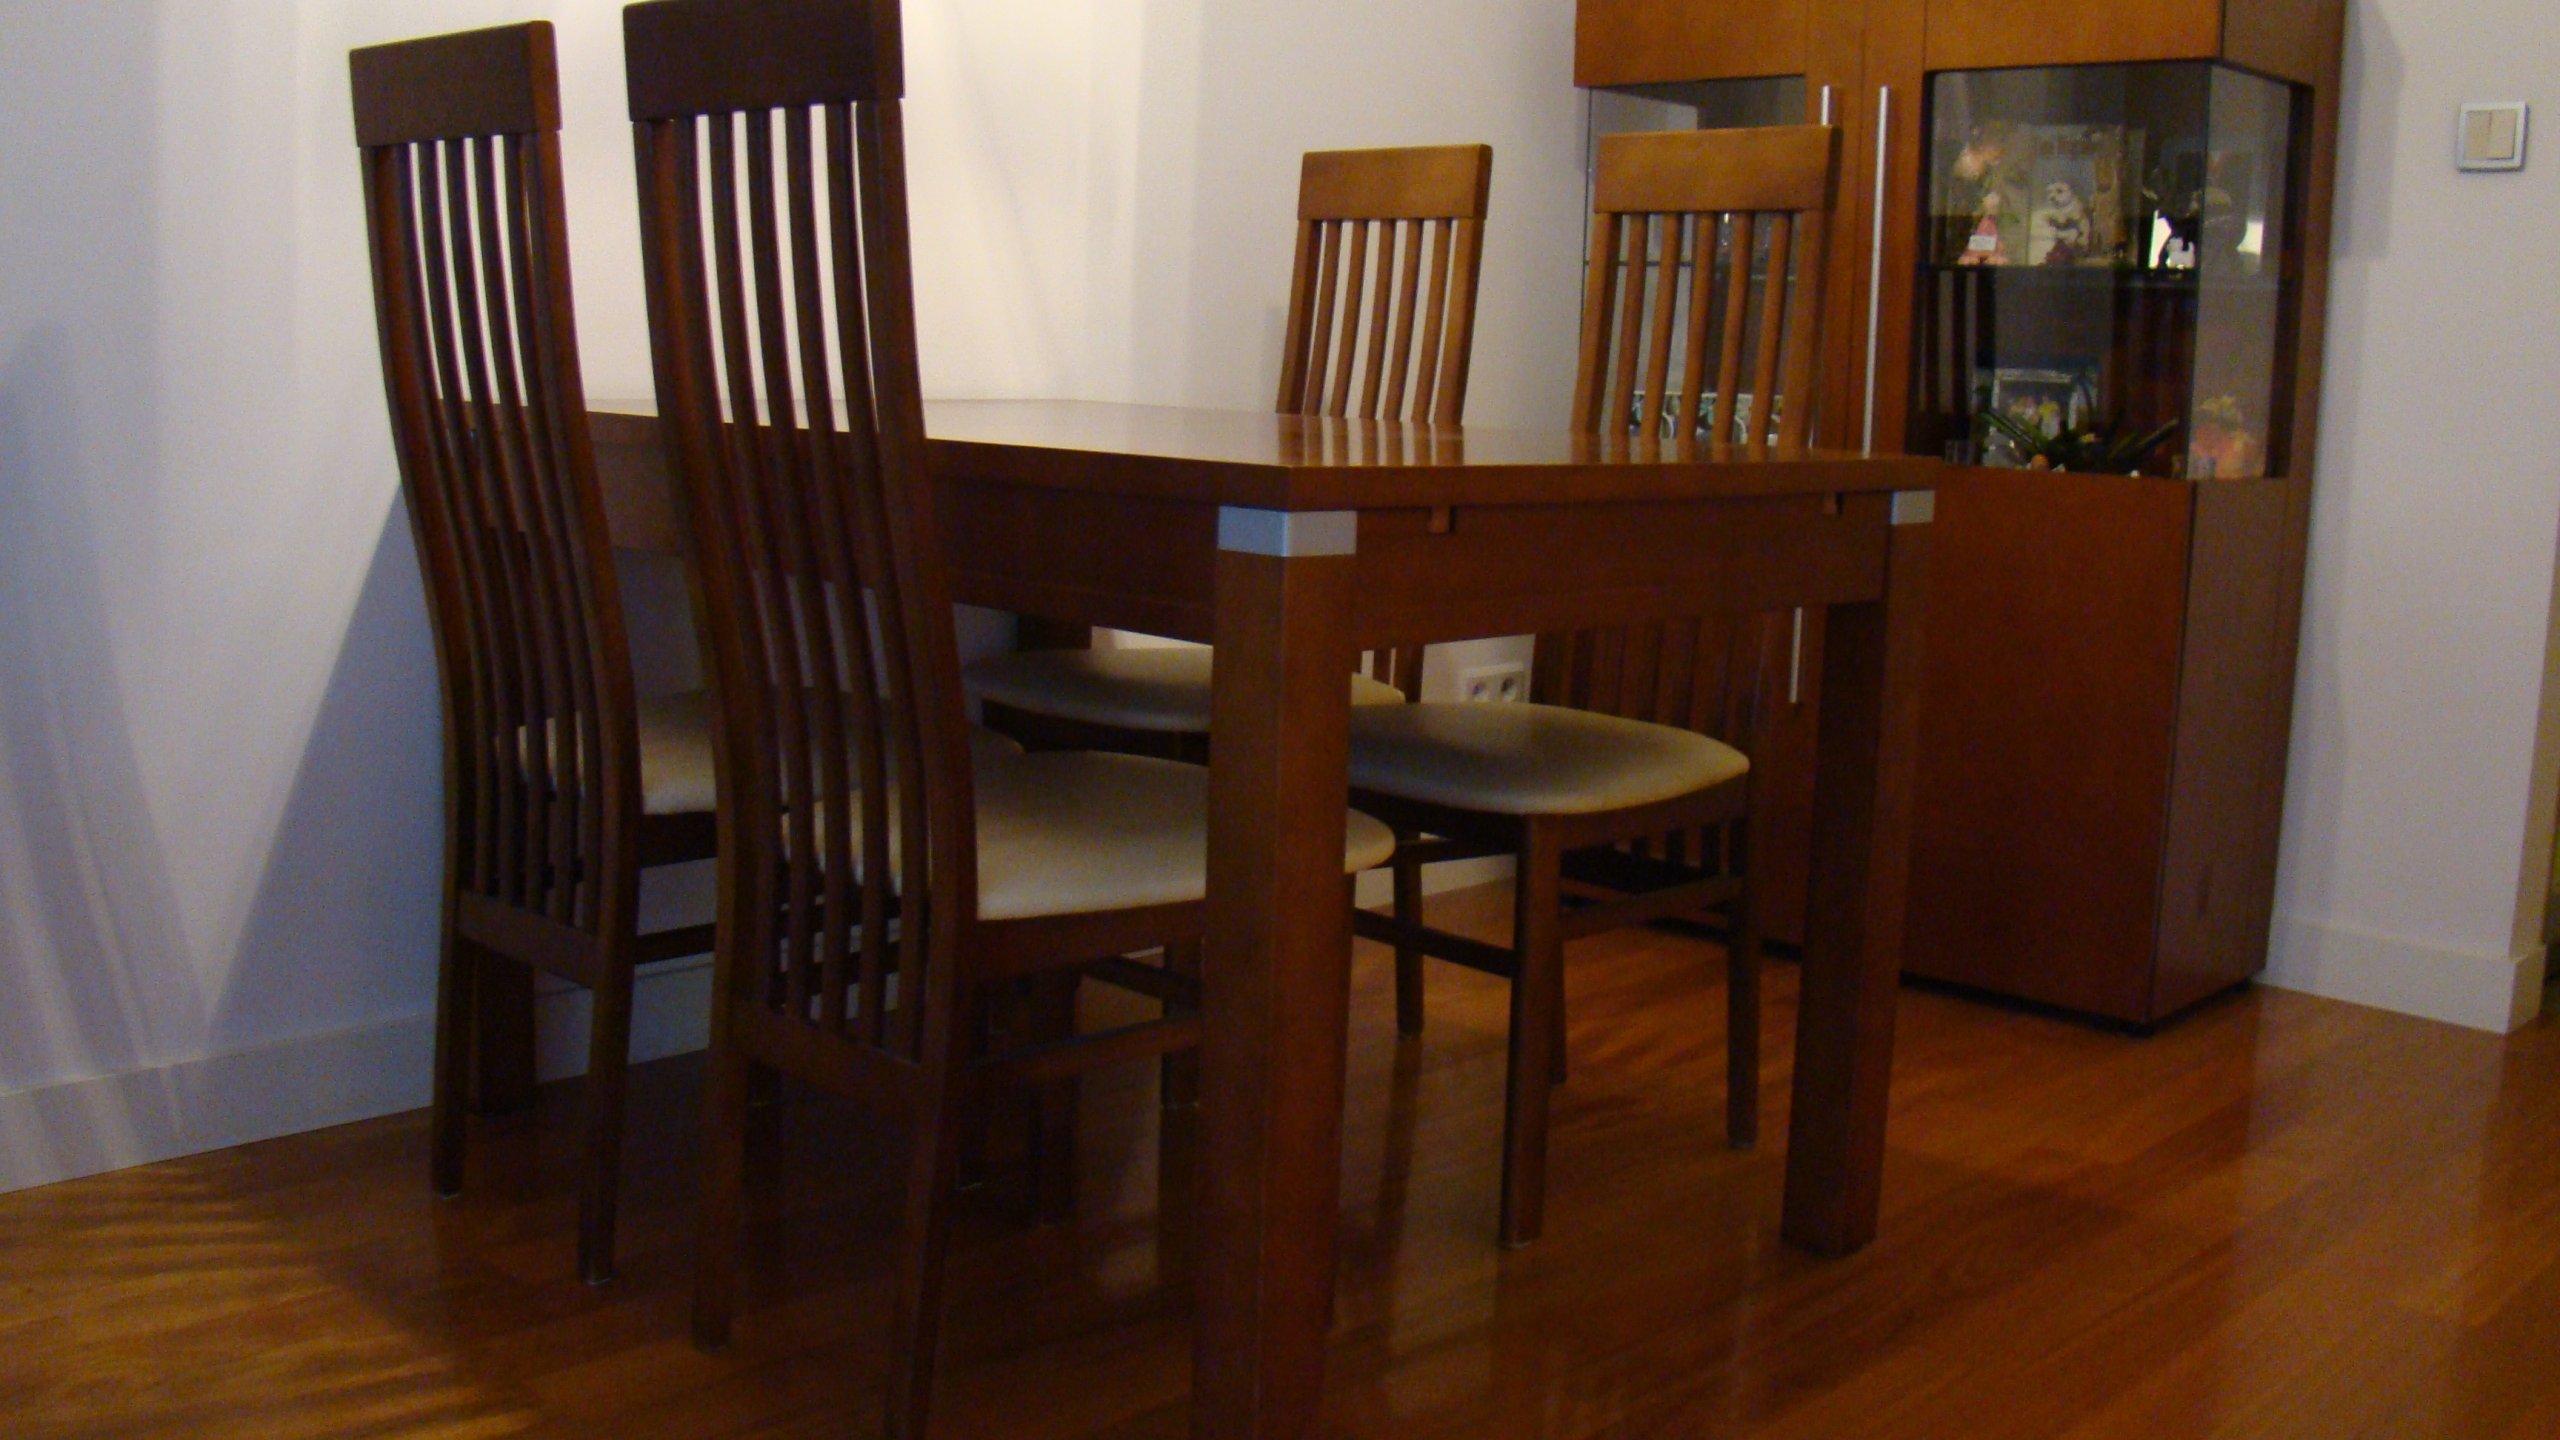 Stółkrzesła 4 Sztkomoda Meble Bydgoskie Okazja